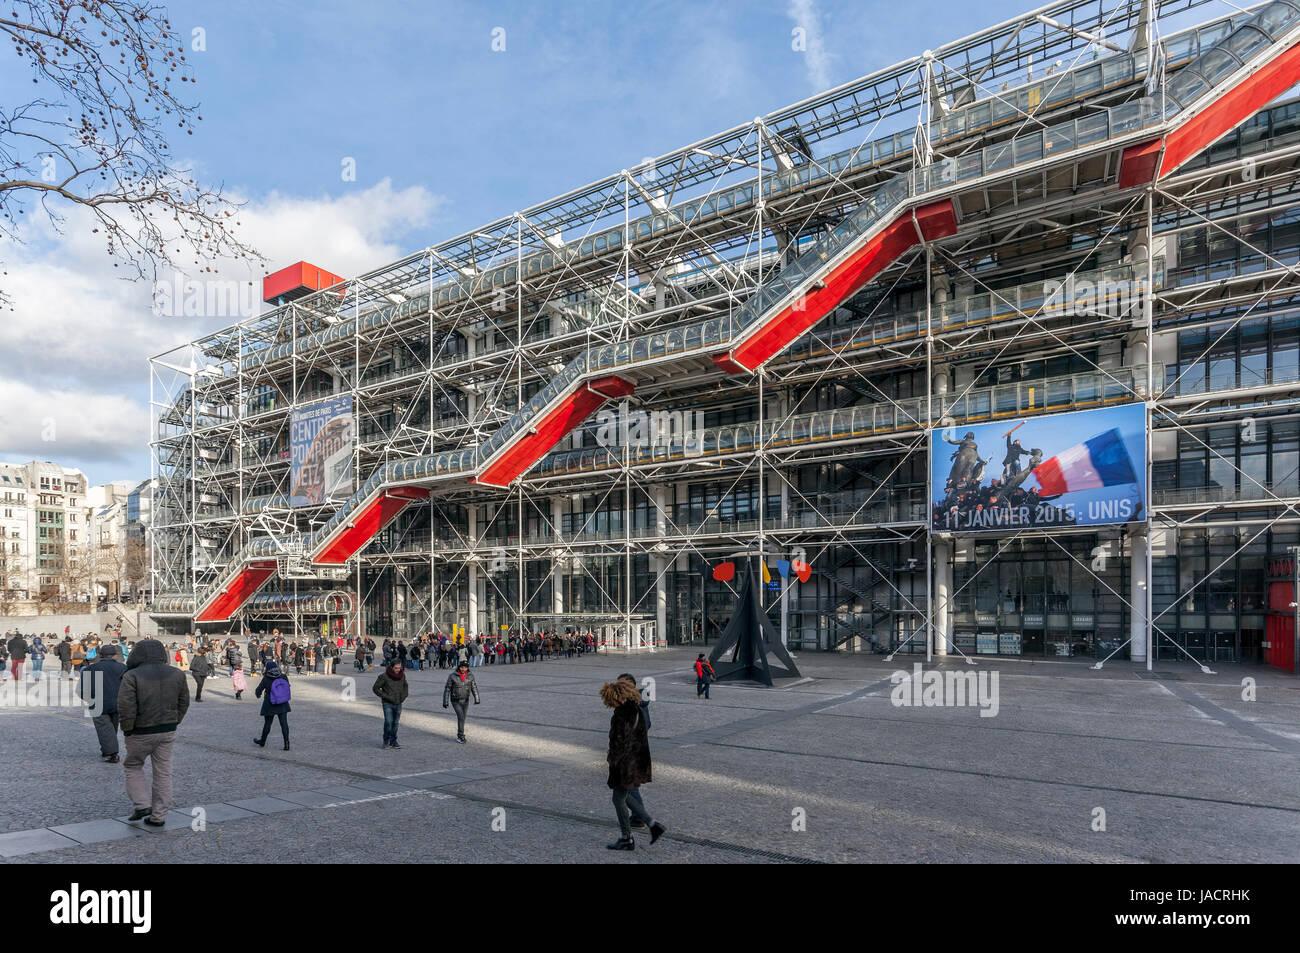 Centre Pompidou, Centre national d'art et de culture Georges Pompidou, Beaubourg,  high-tech or brutalist architecture Stock Photo